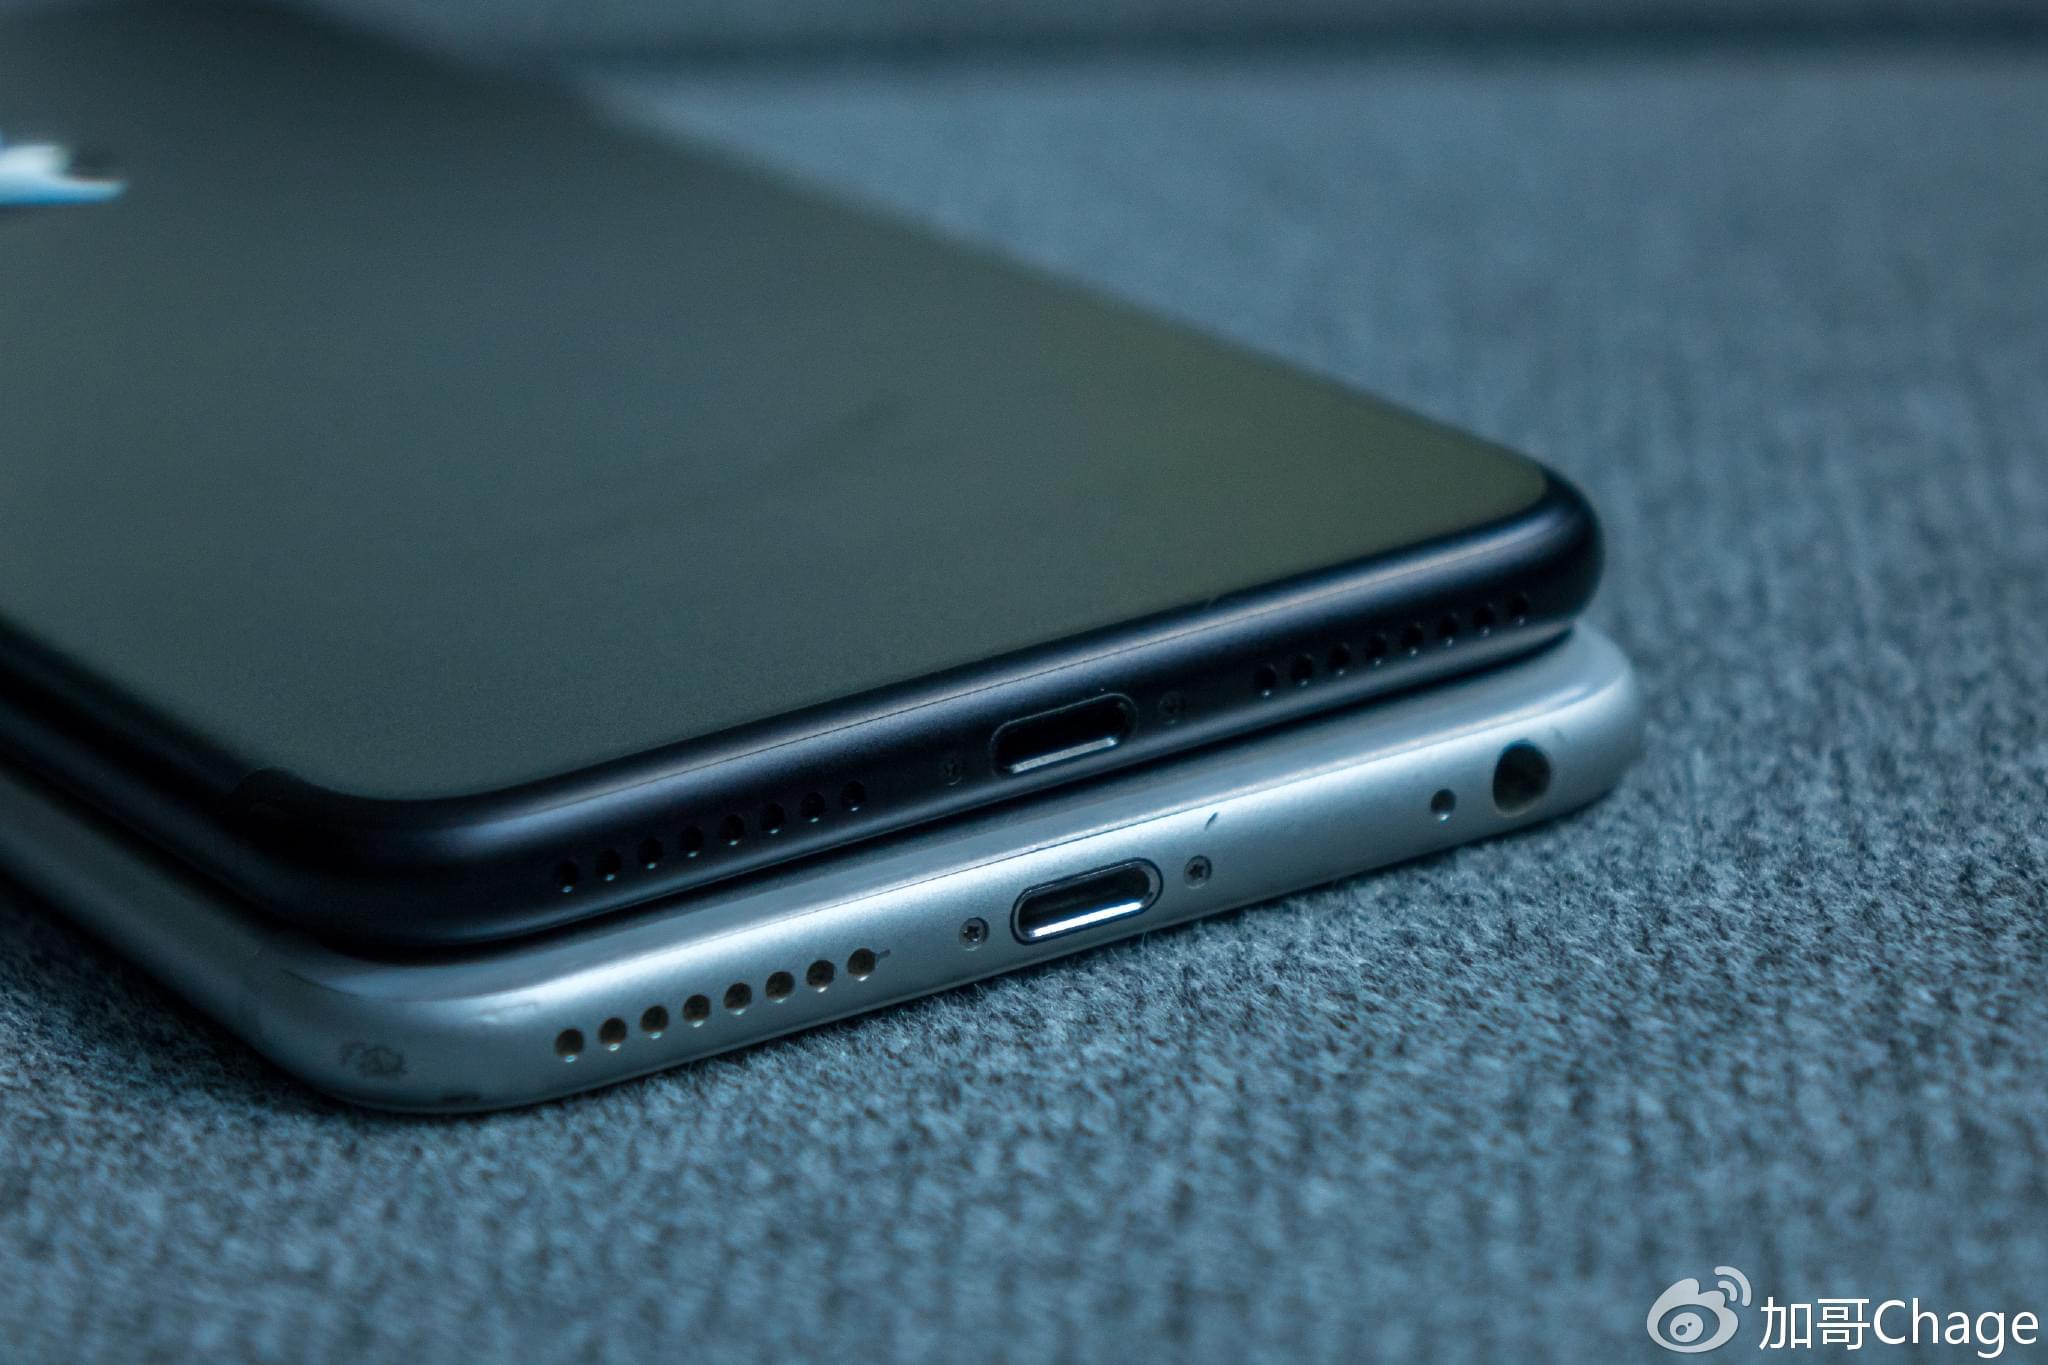 苹果的大败局?最详细的iPhone 7万字评测的照片 - 16